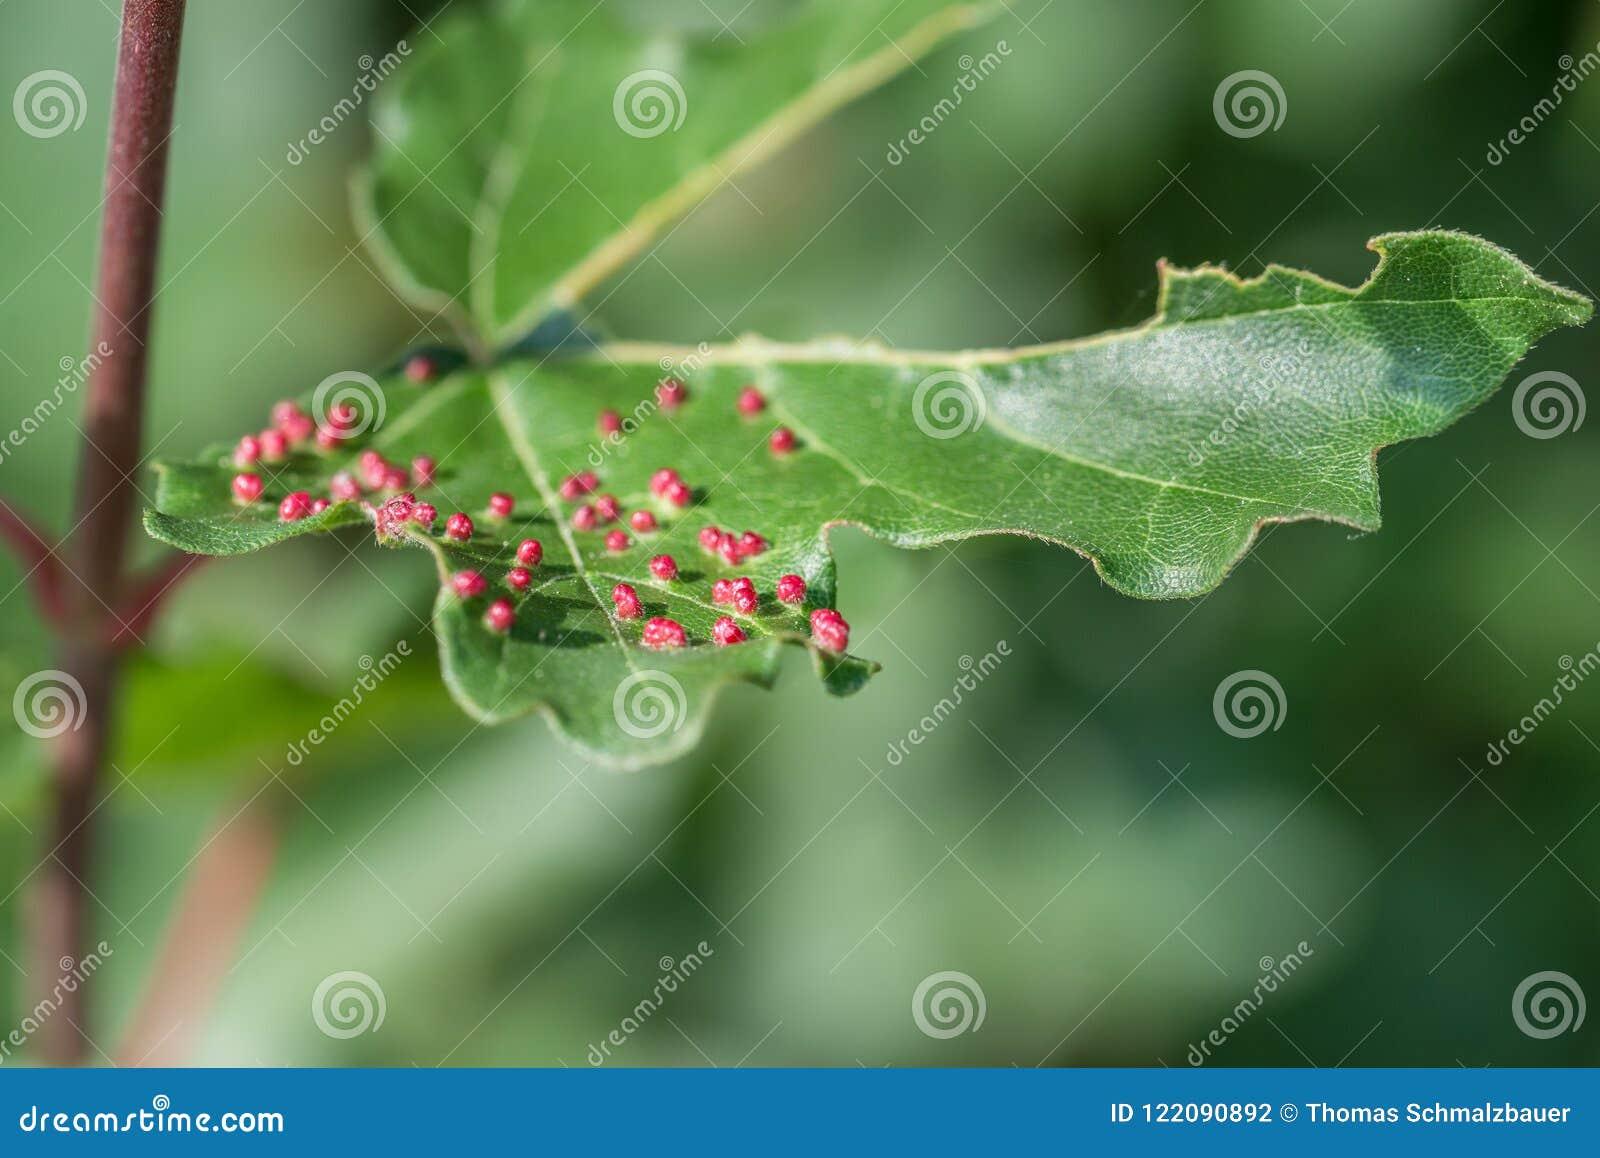 Lönnträd som hemsökas med fräckhetkvalsterar